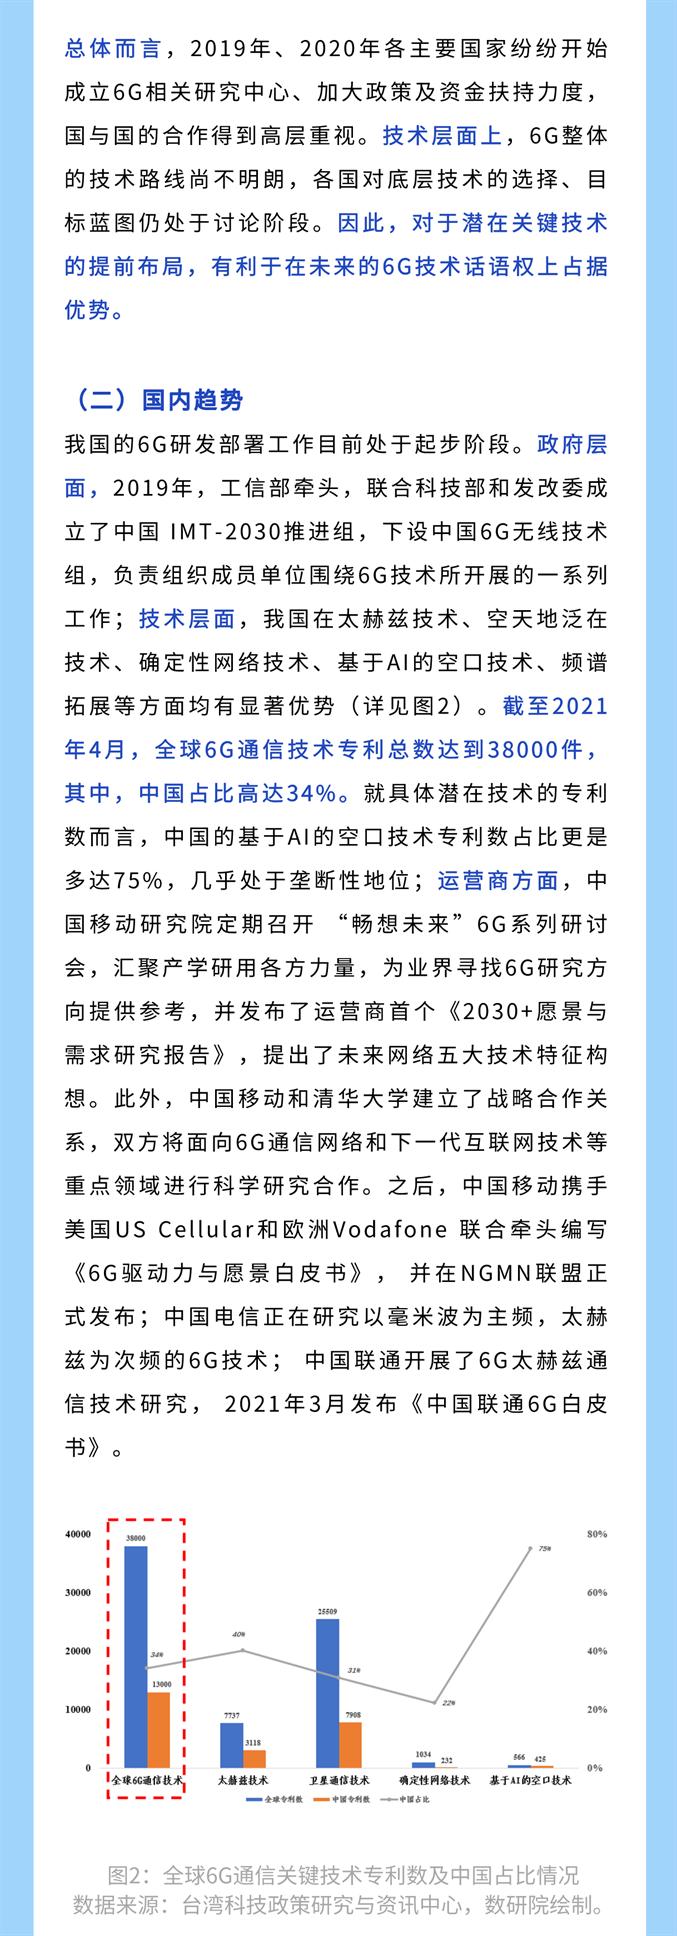 07_自定义px_2021-07-19-0.png